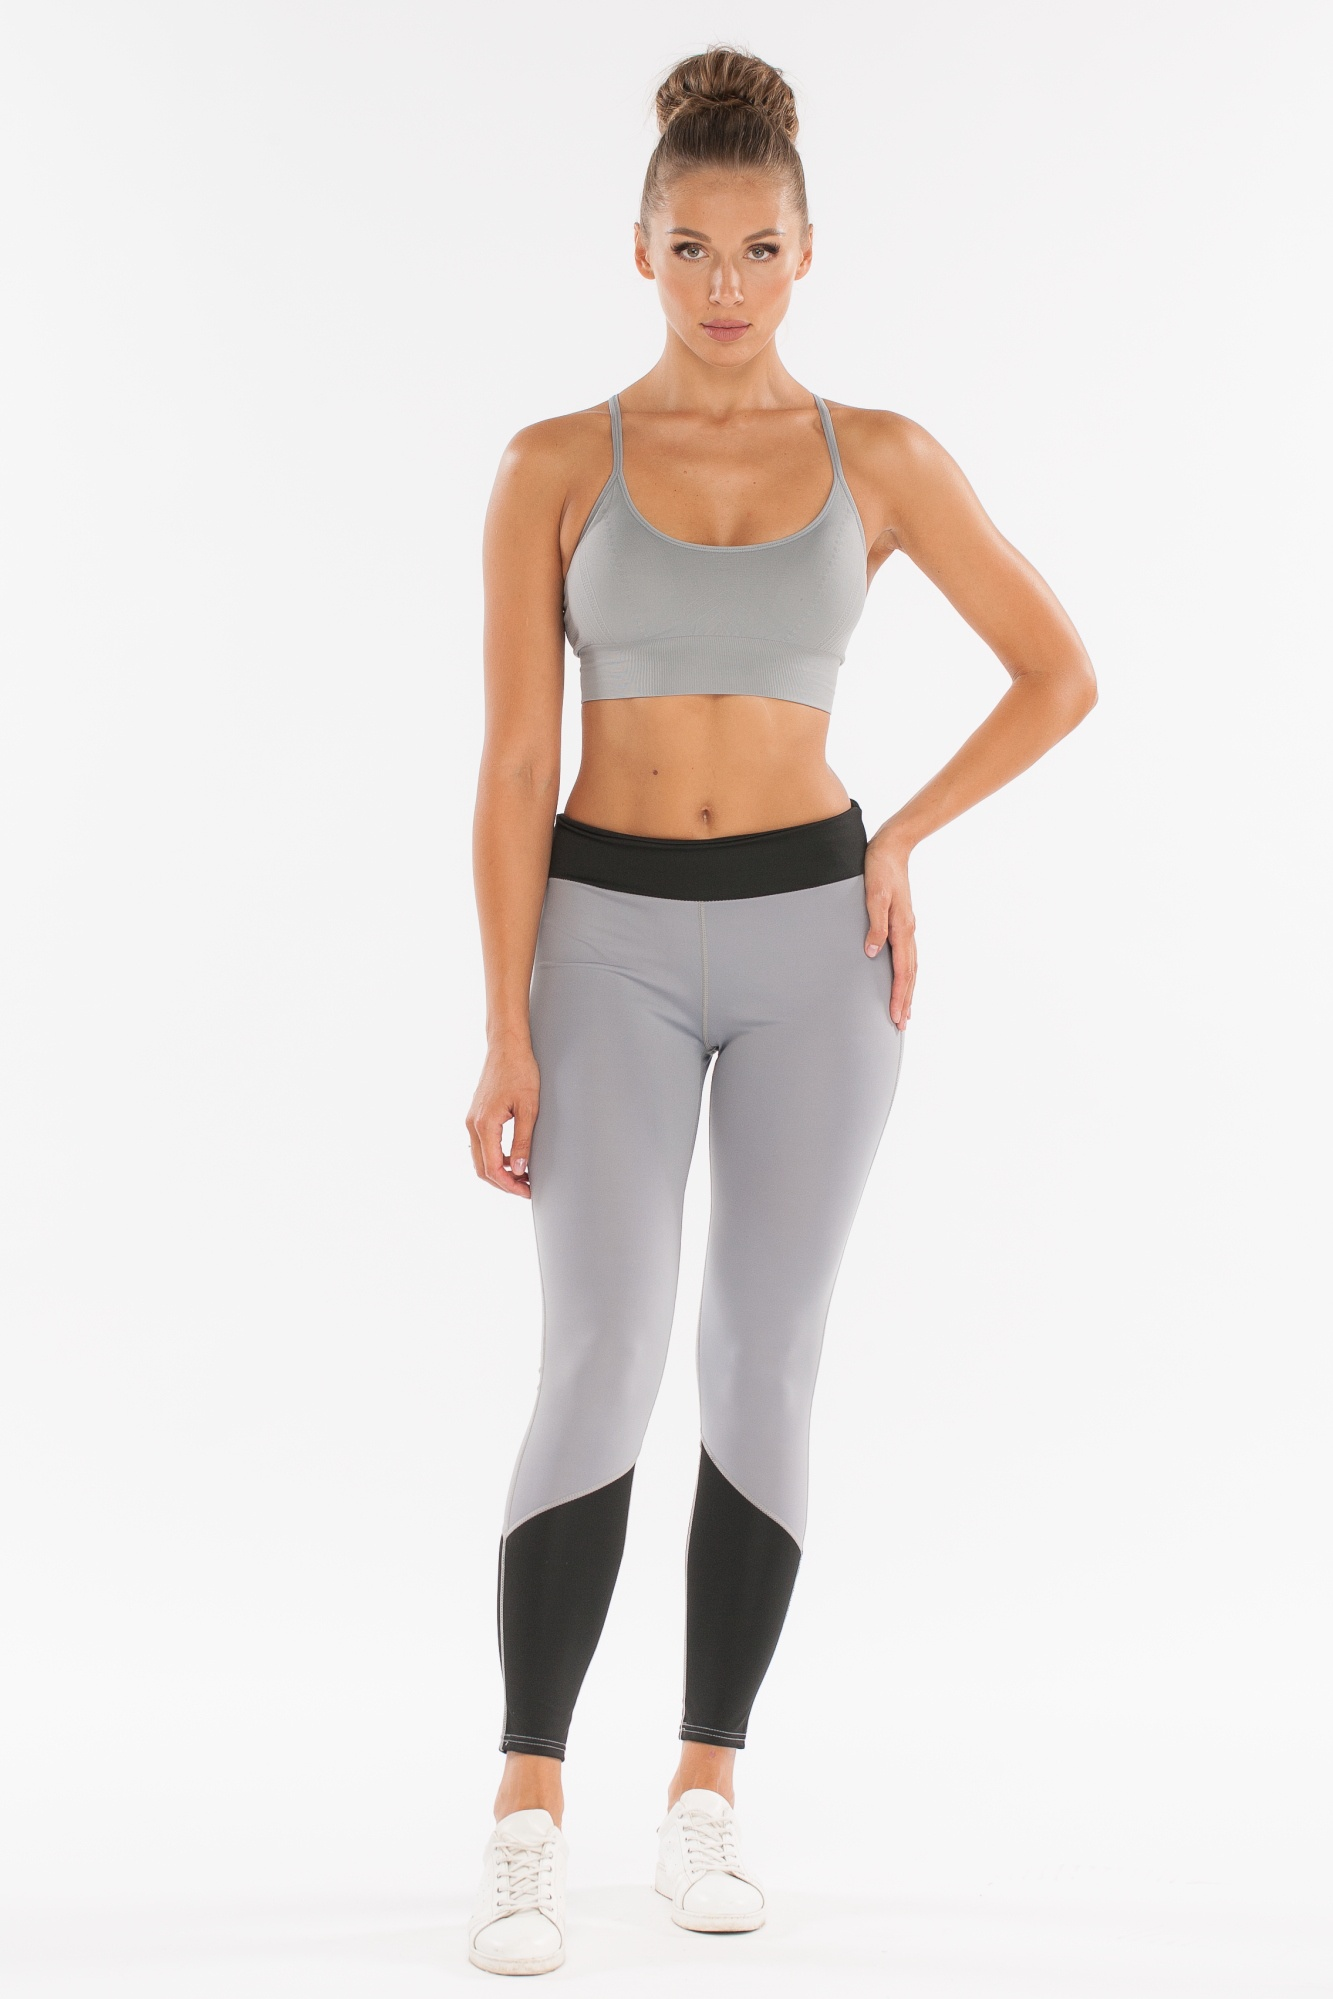 Леггинсы женские Morera, цвет: Черный/Серый. Размер 48.92006 BLACK/GREY (XL)Леггинсы для фитнеса, бега.